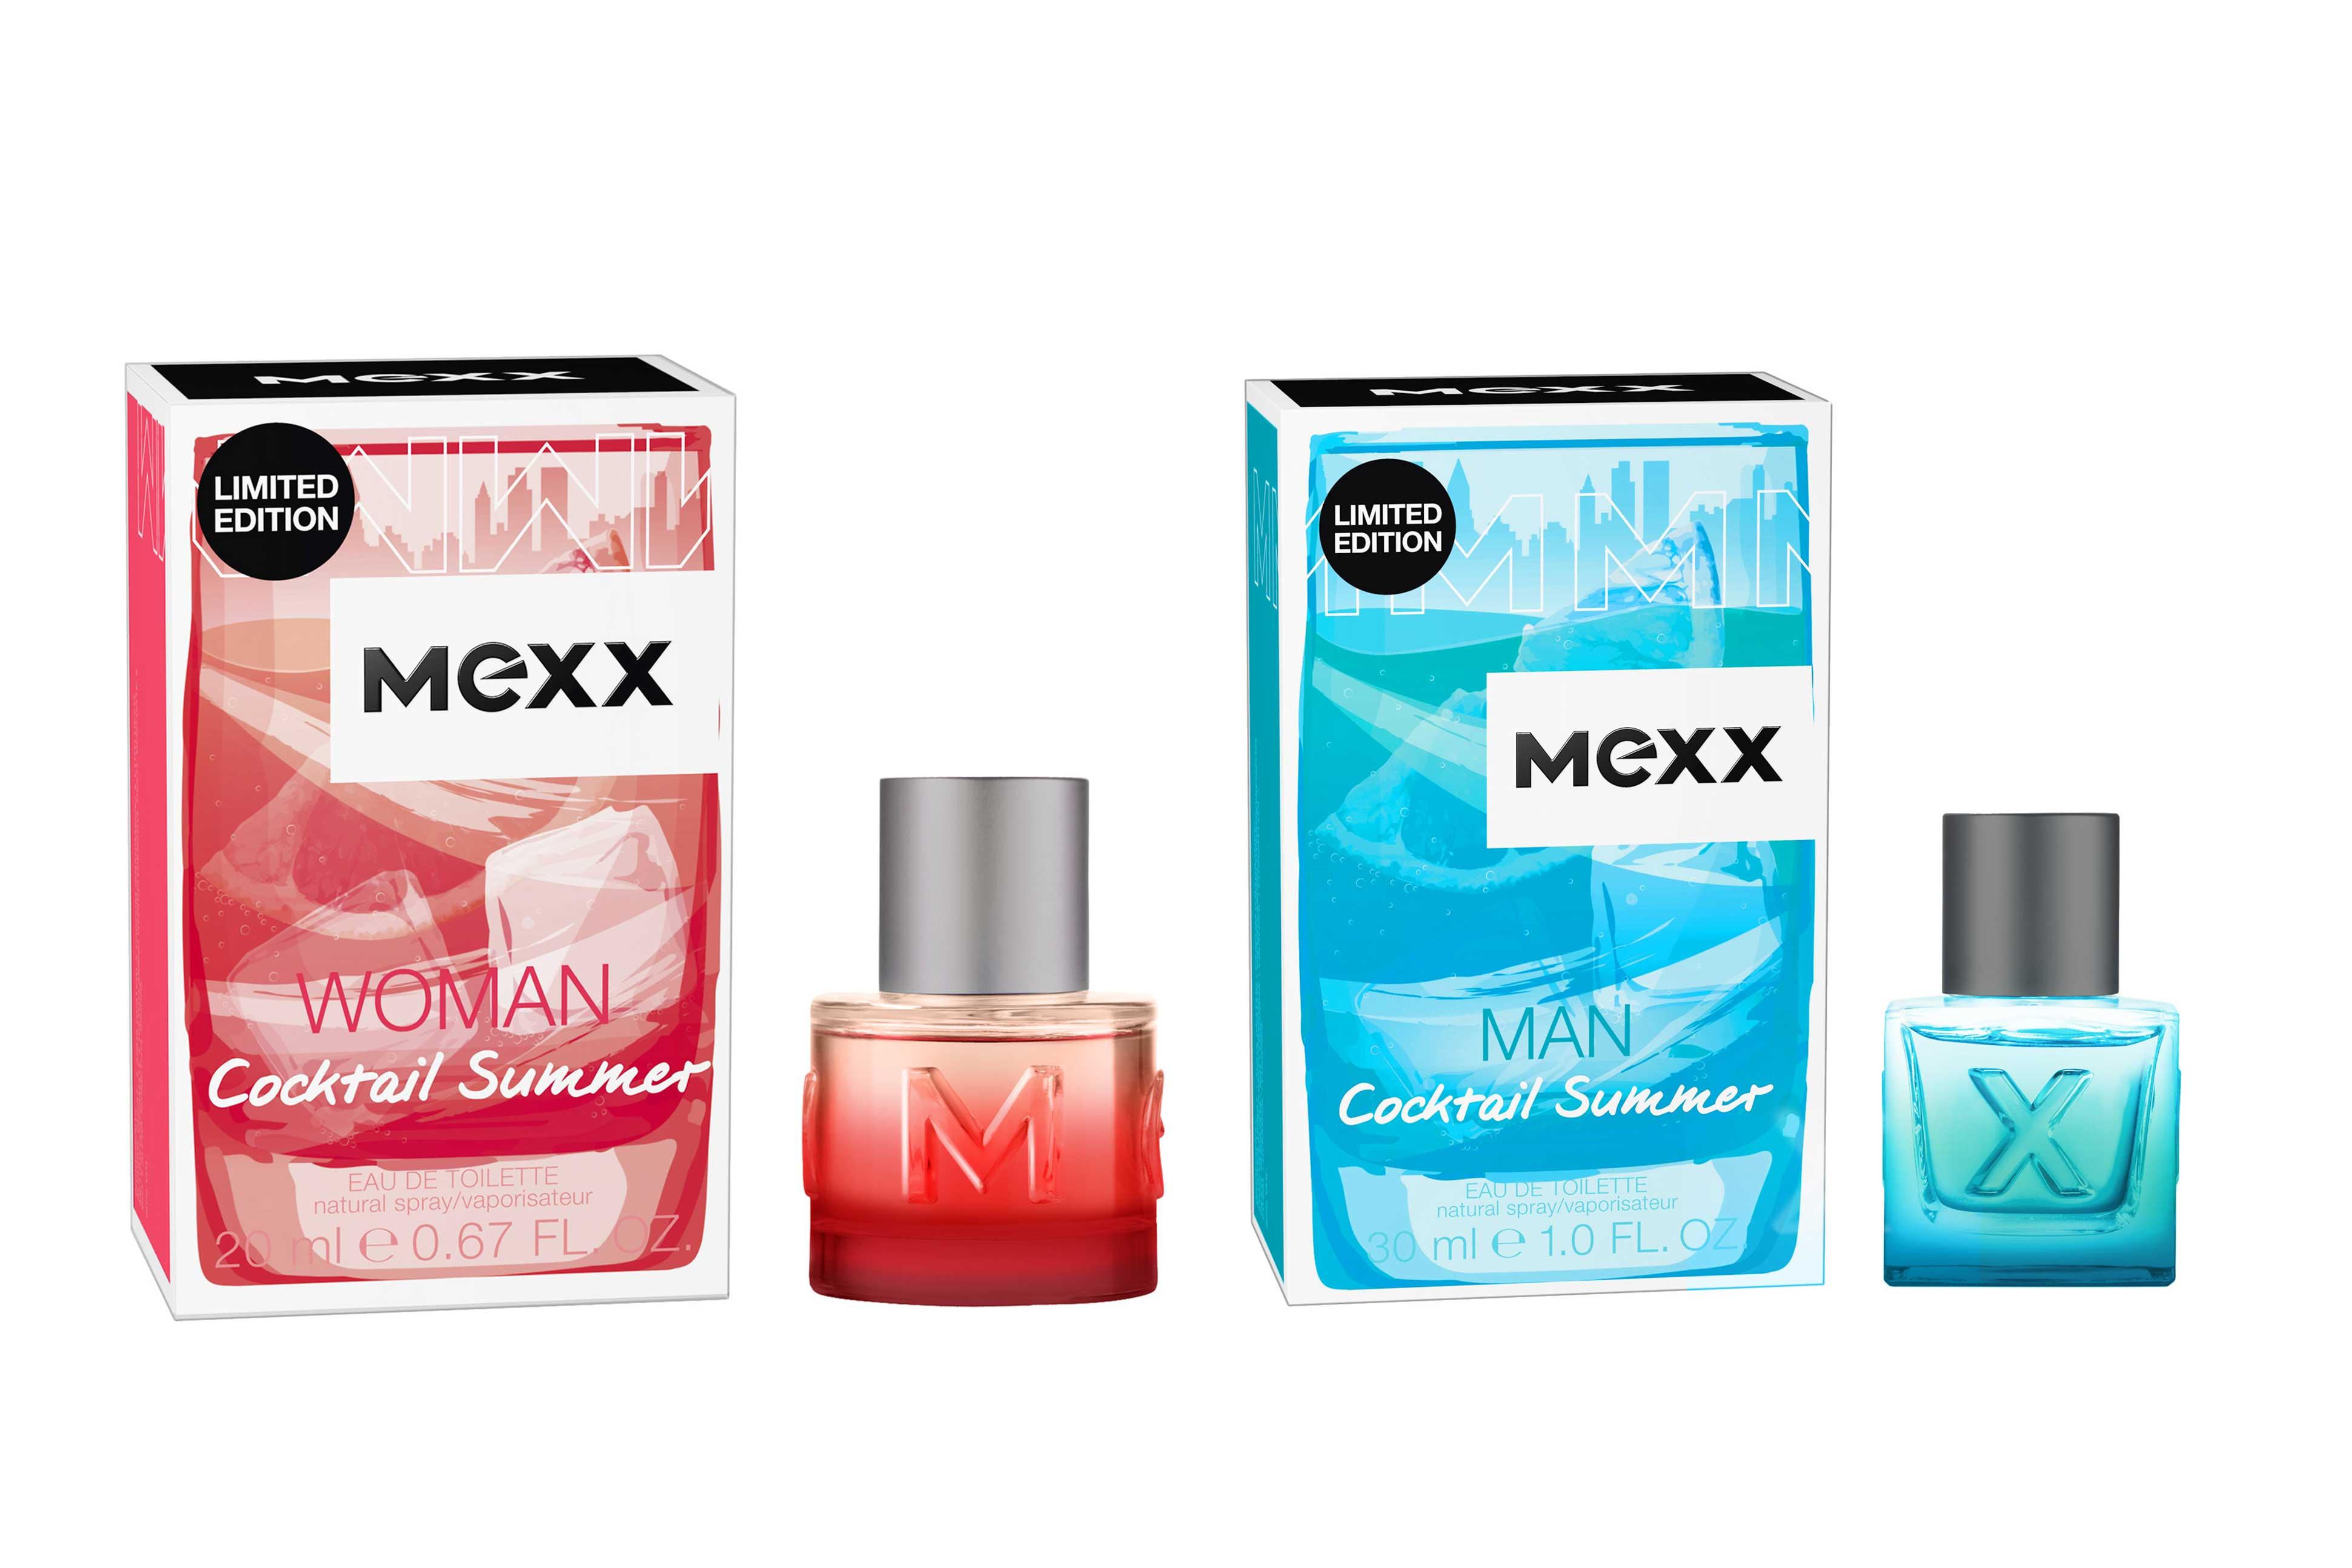 Mexx Cocktail Summer